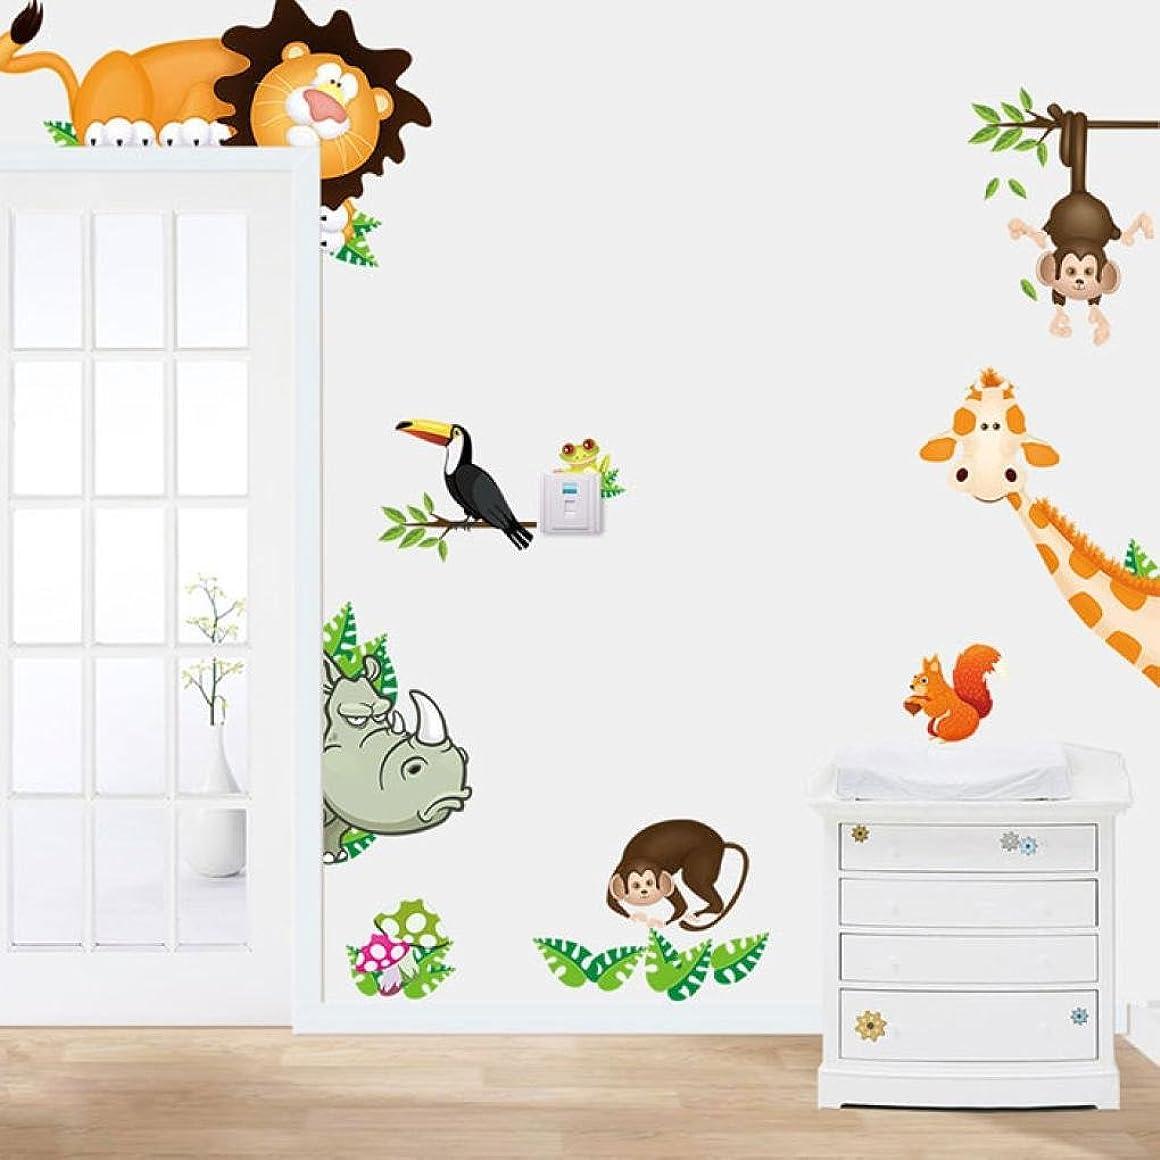 座標誕生再撮りレンコス(Lemcos) ウォールステッカー  ジャングルの動物  子供 ベビー部屋 保育園 PVC 飾り 壁紙  シール DIYウォールステッカー インテリア 窓?ドア?壁 はがせる 北欧風 おしゃれ 部屋飾り